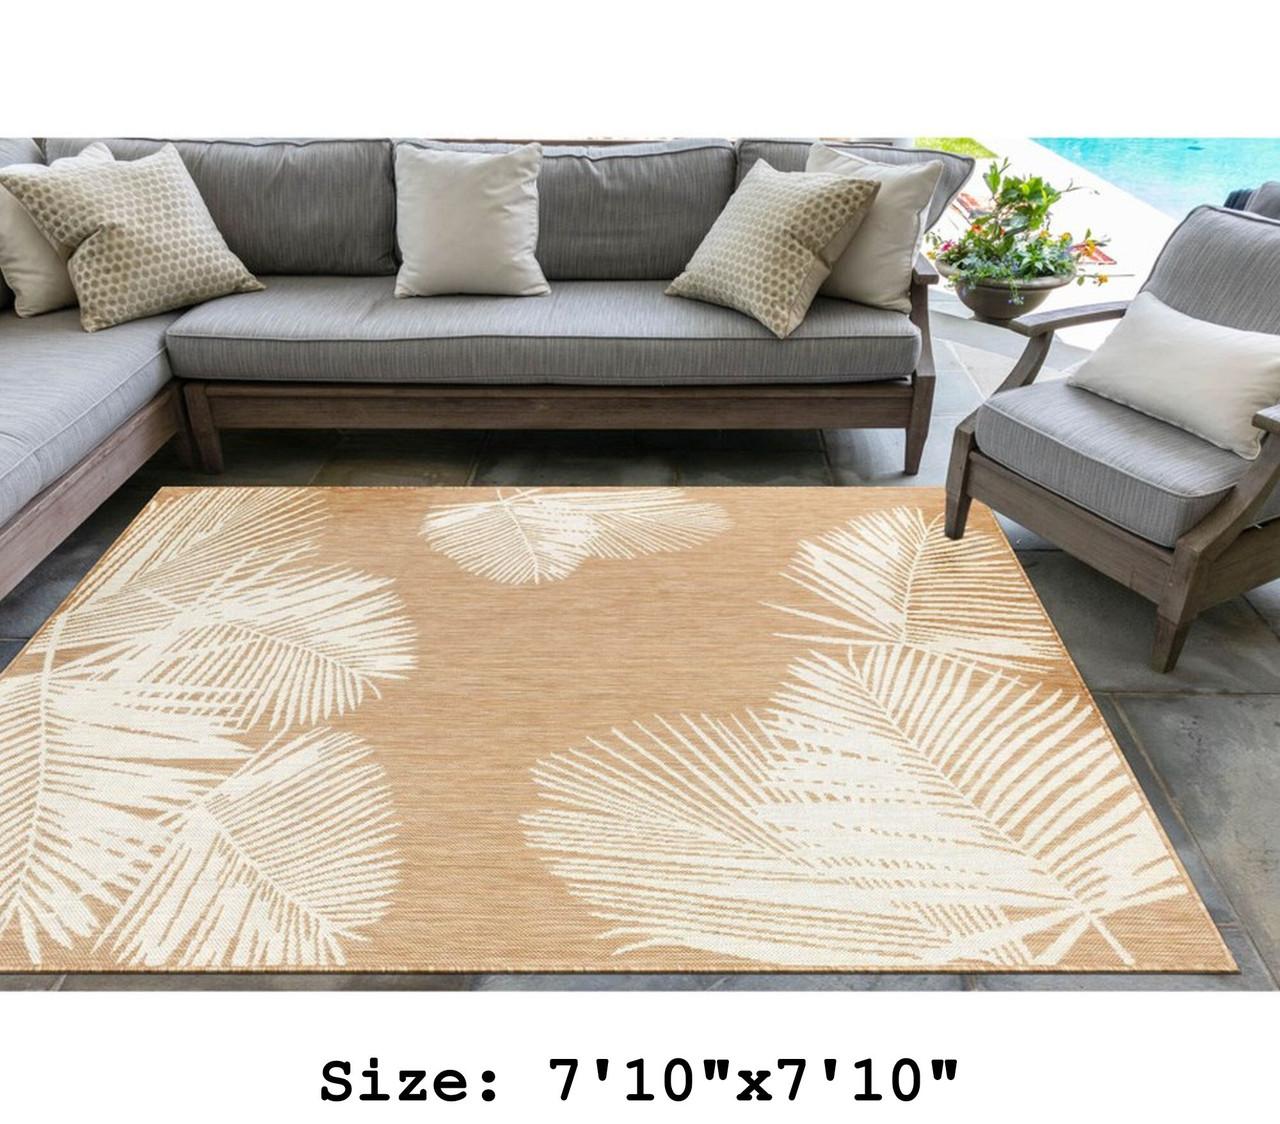 Sand Carmel Palm Leaf Indoor/Outdoor Rug -  Square